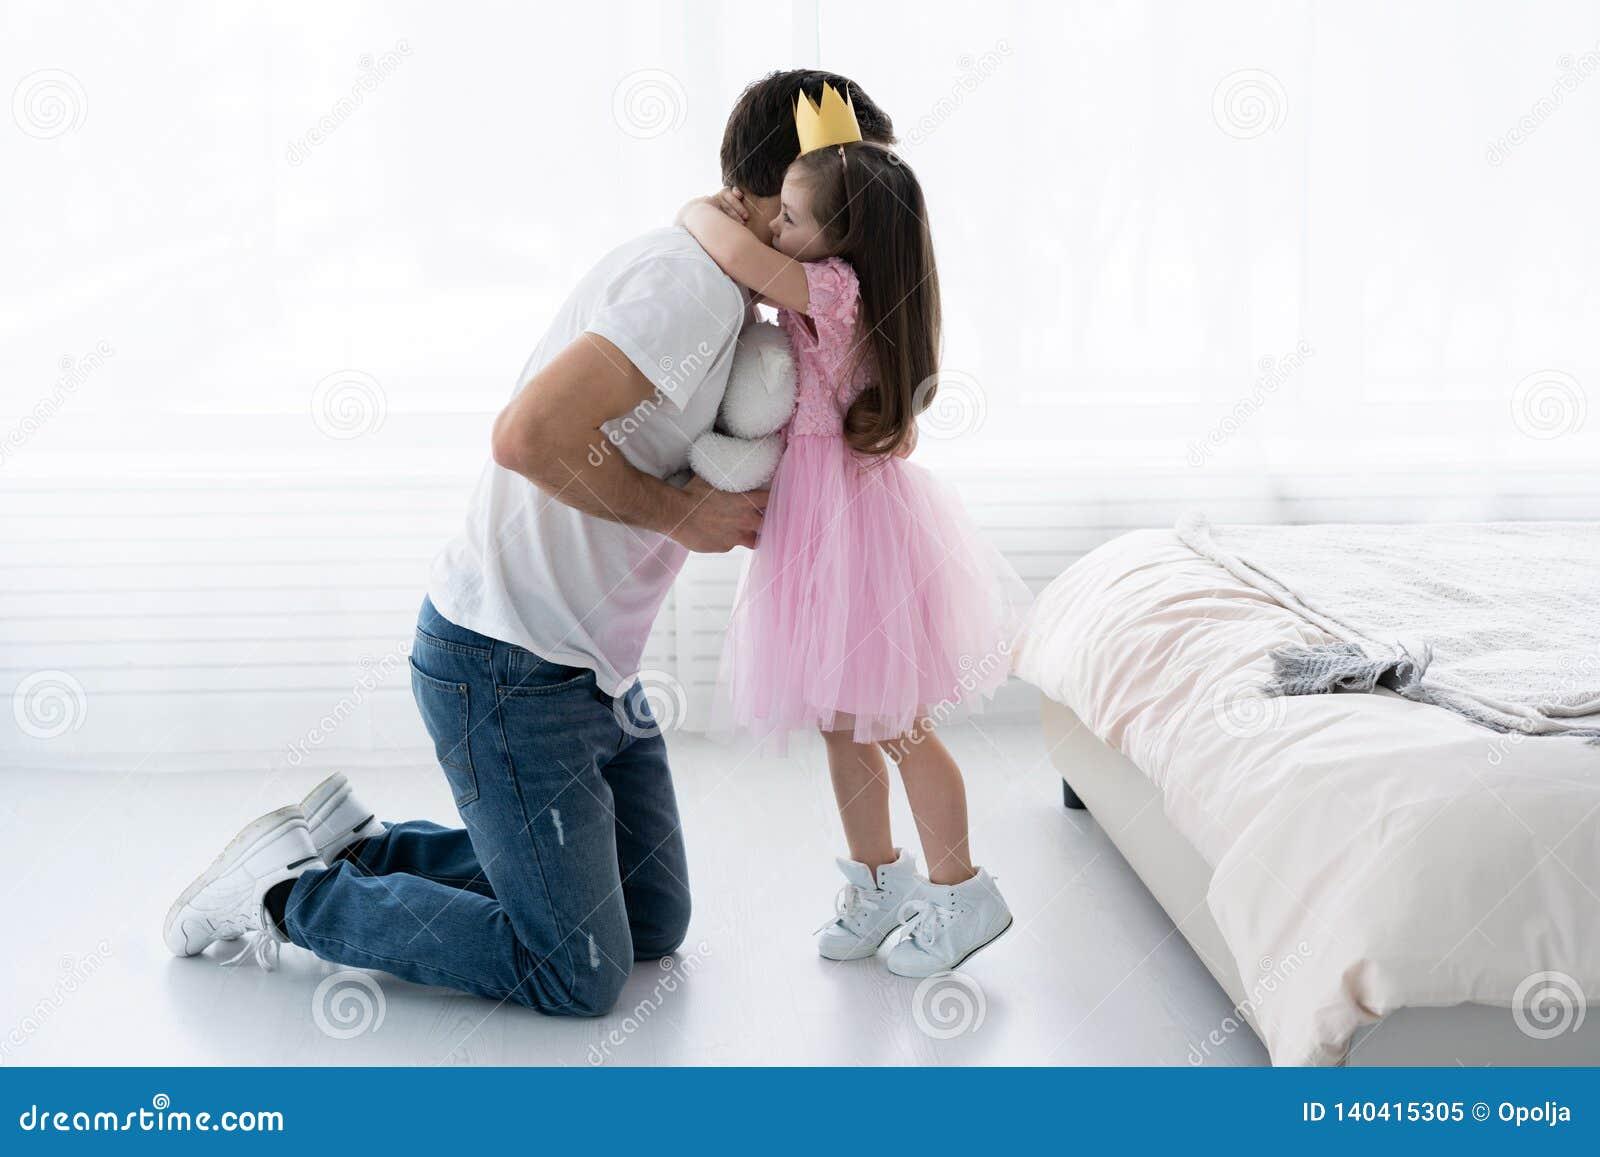 父亲祝贺女儿与开心3月8日 女儿和父亲微笑 美丽的女儿的大熊